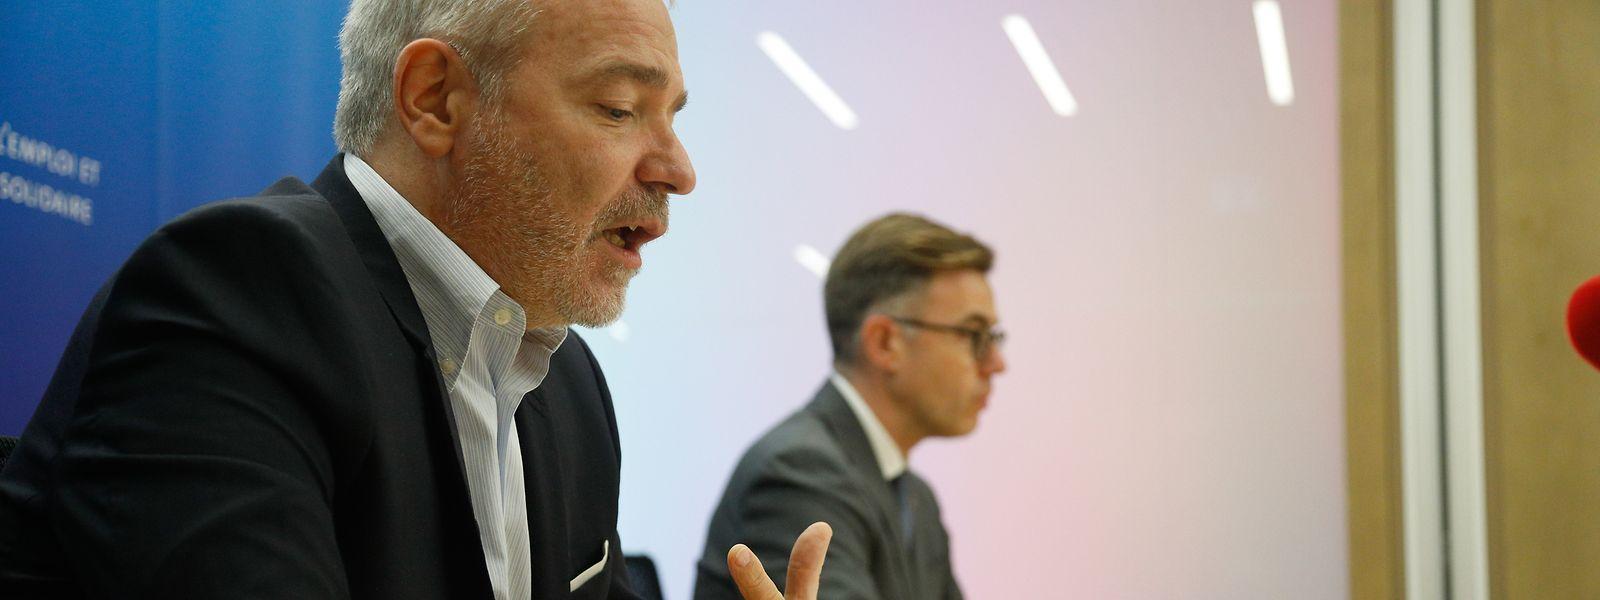 Die Kurzarbeit bleibt das wichtigste Instrument in der Krise, sagt Arbeitsminister Dan Kersch (LSAP).